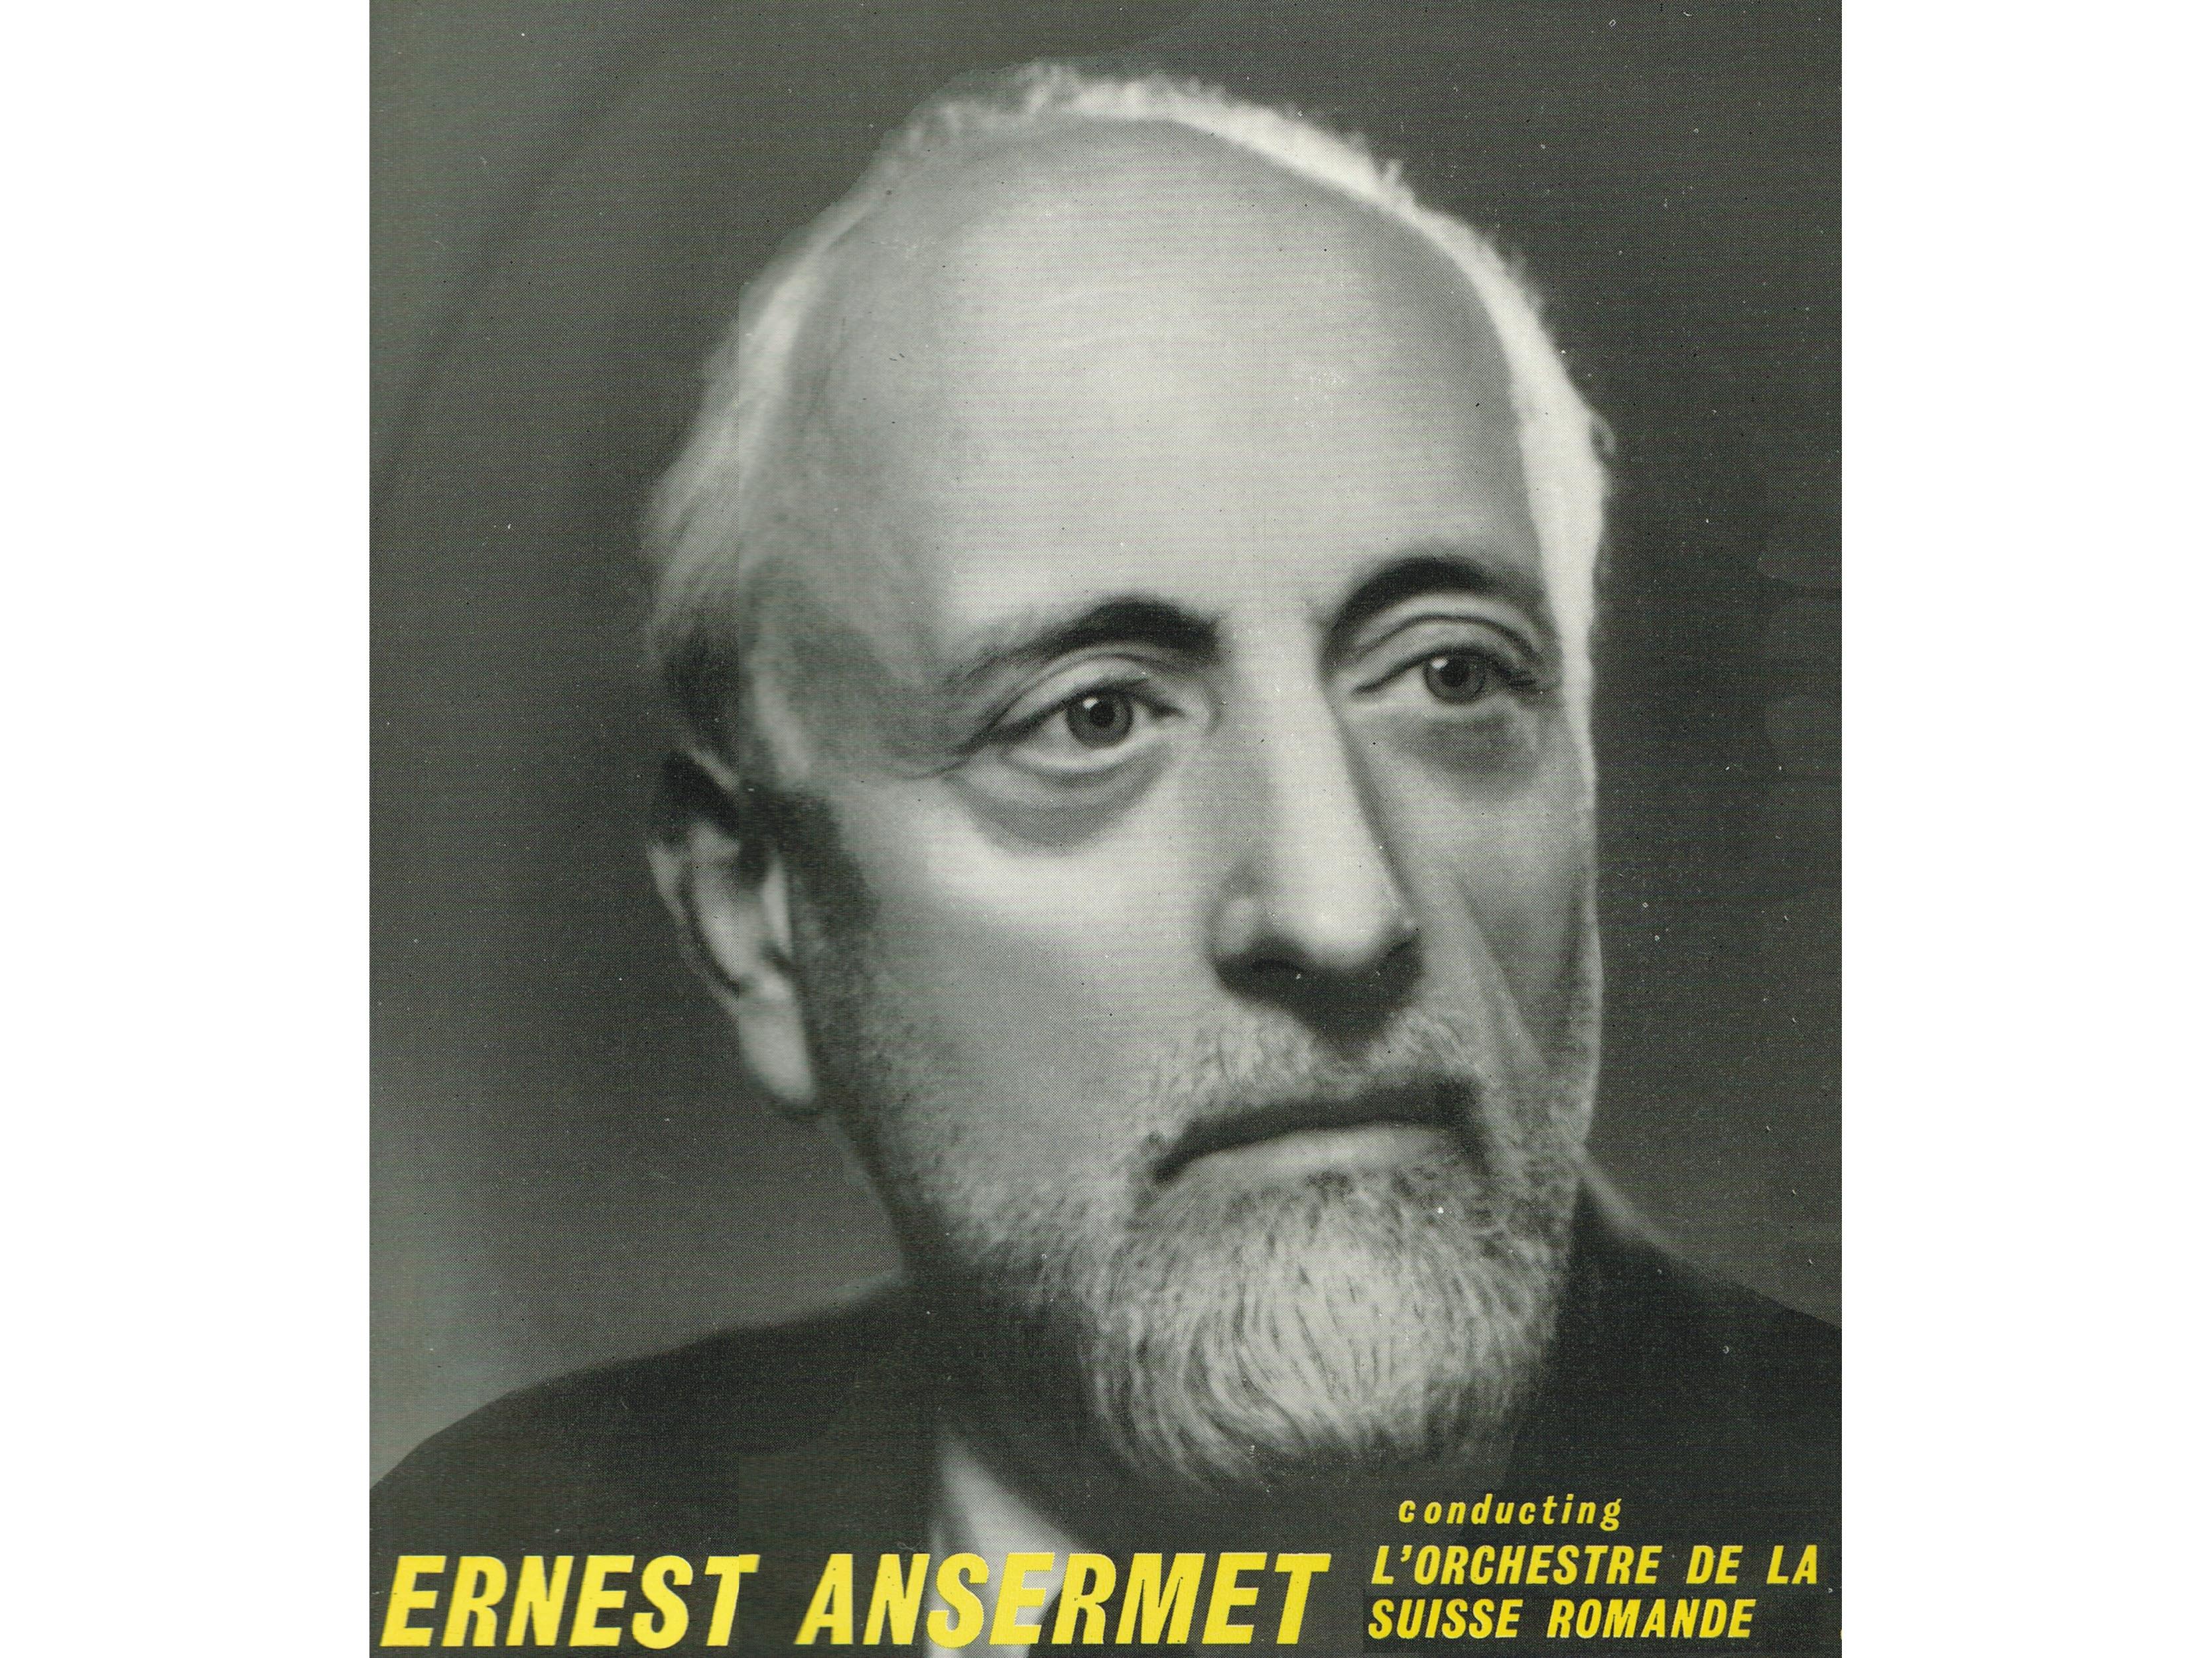 N. RIMSKI-KORSAKOW, Introduction et Cortège des Noces, OSR, Ernest ANSERMET, 1947